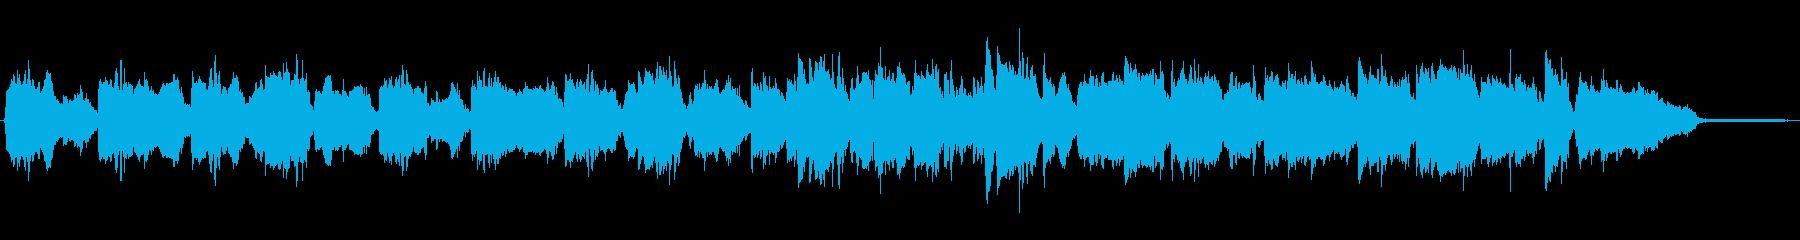 生演奏 尺八が奏でる和み系な曲 ver2の再生済みの波形